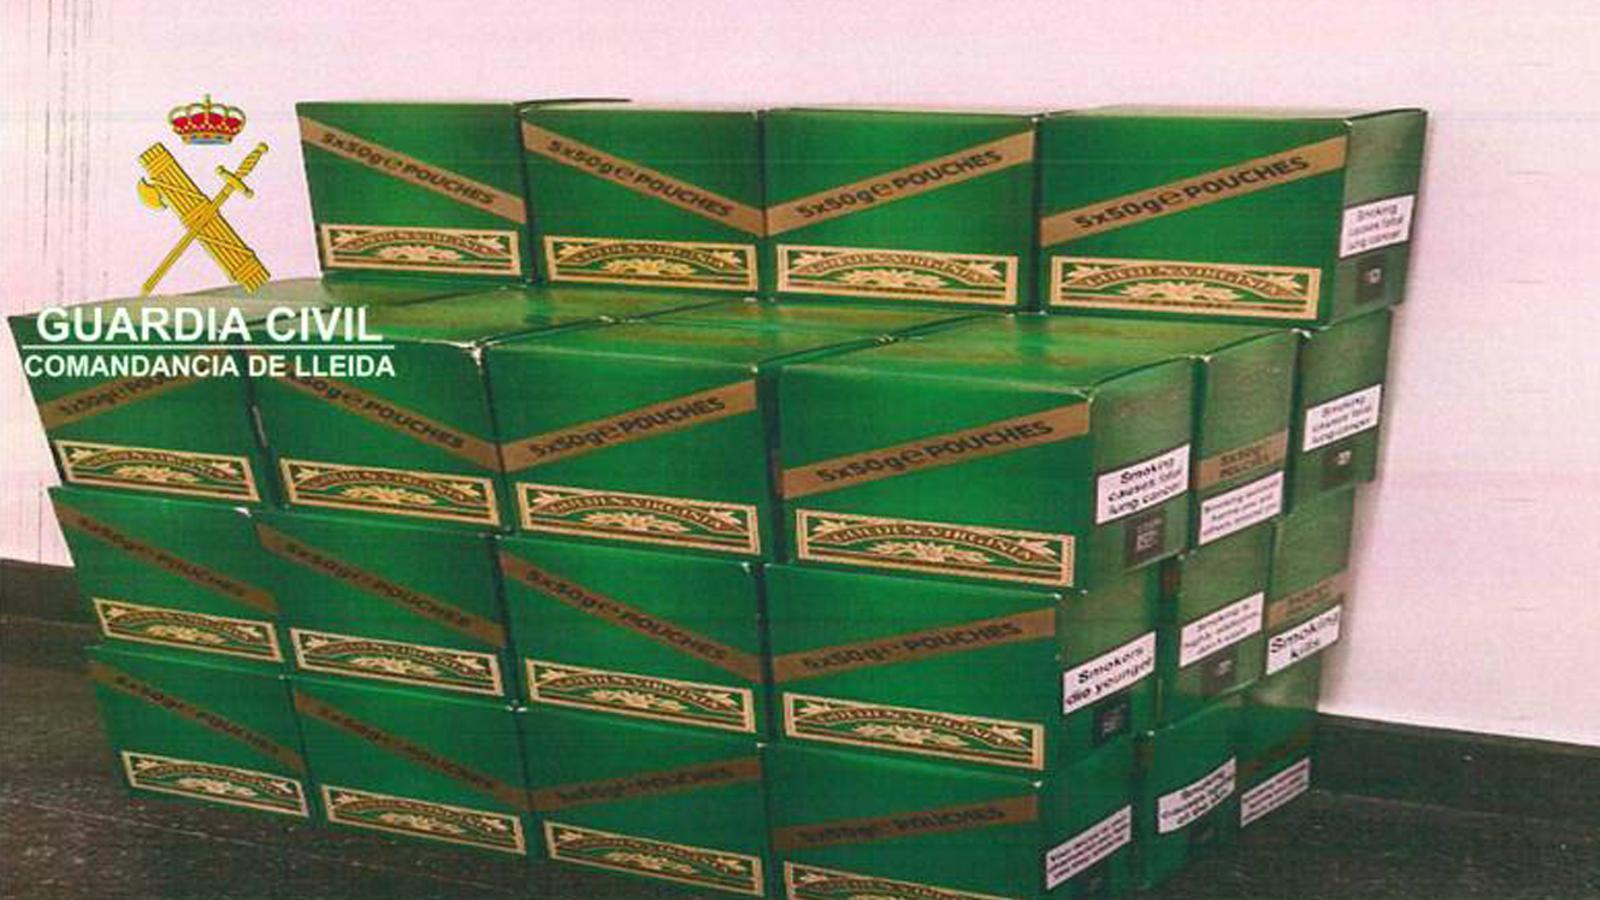 Els 10.000 grams de tabac picat confiscats per la Guàrdia Civil. / GUÀRDIA CIVIL